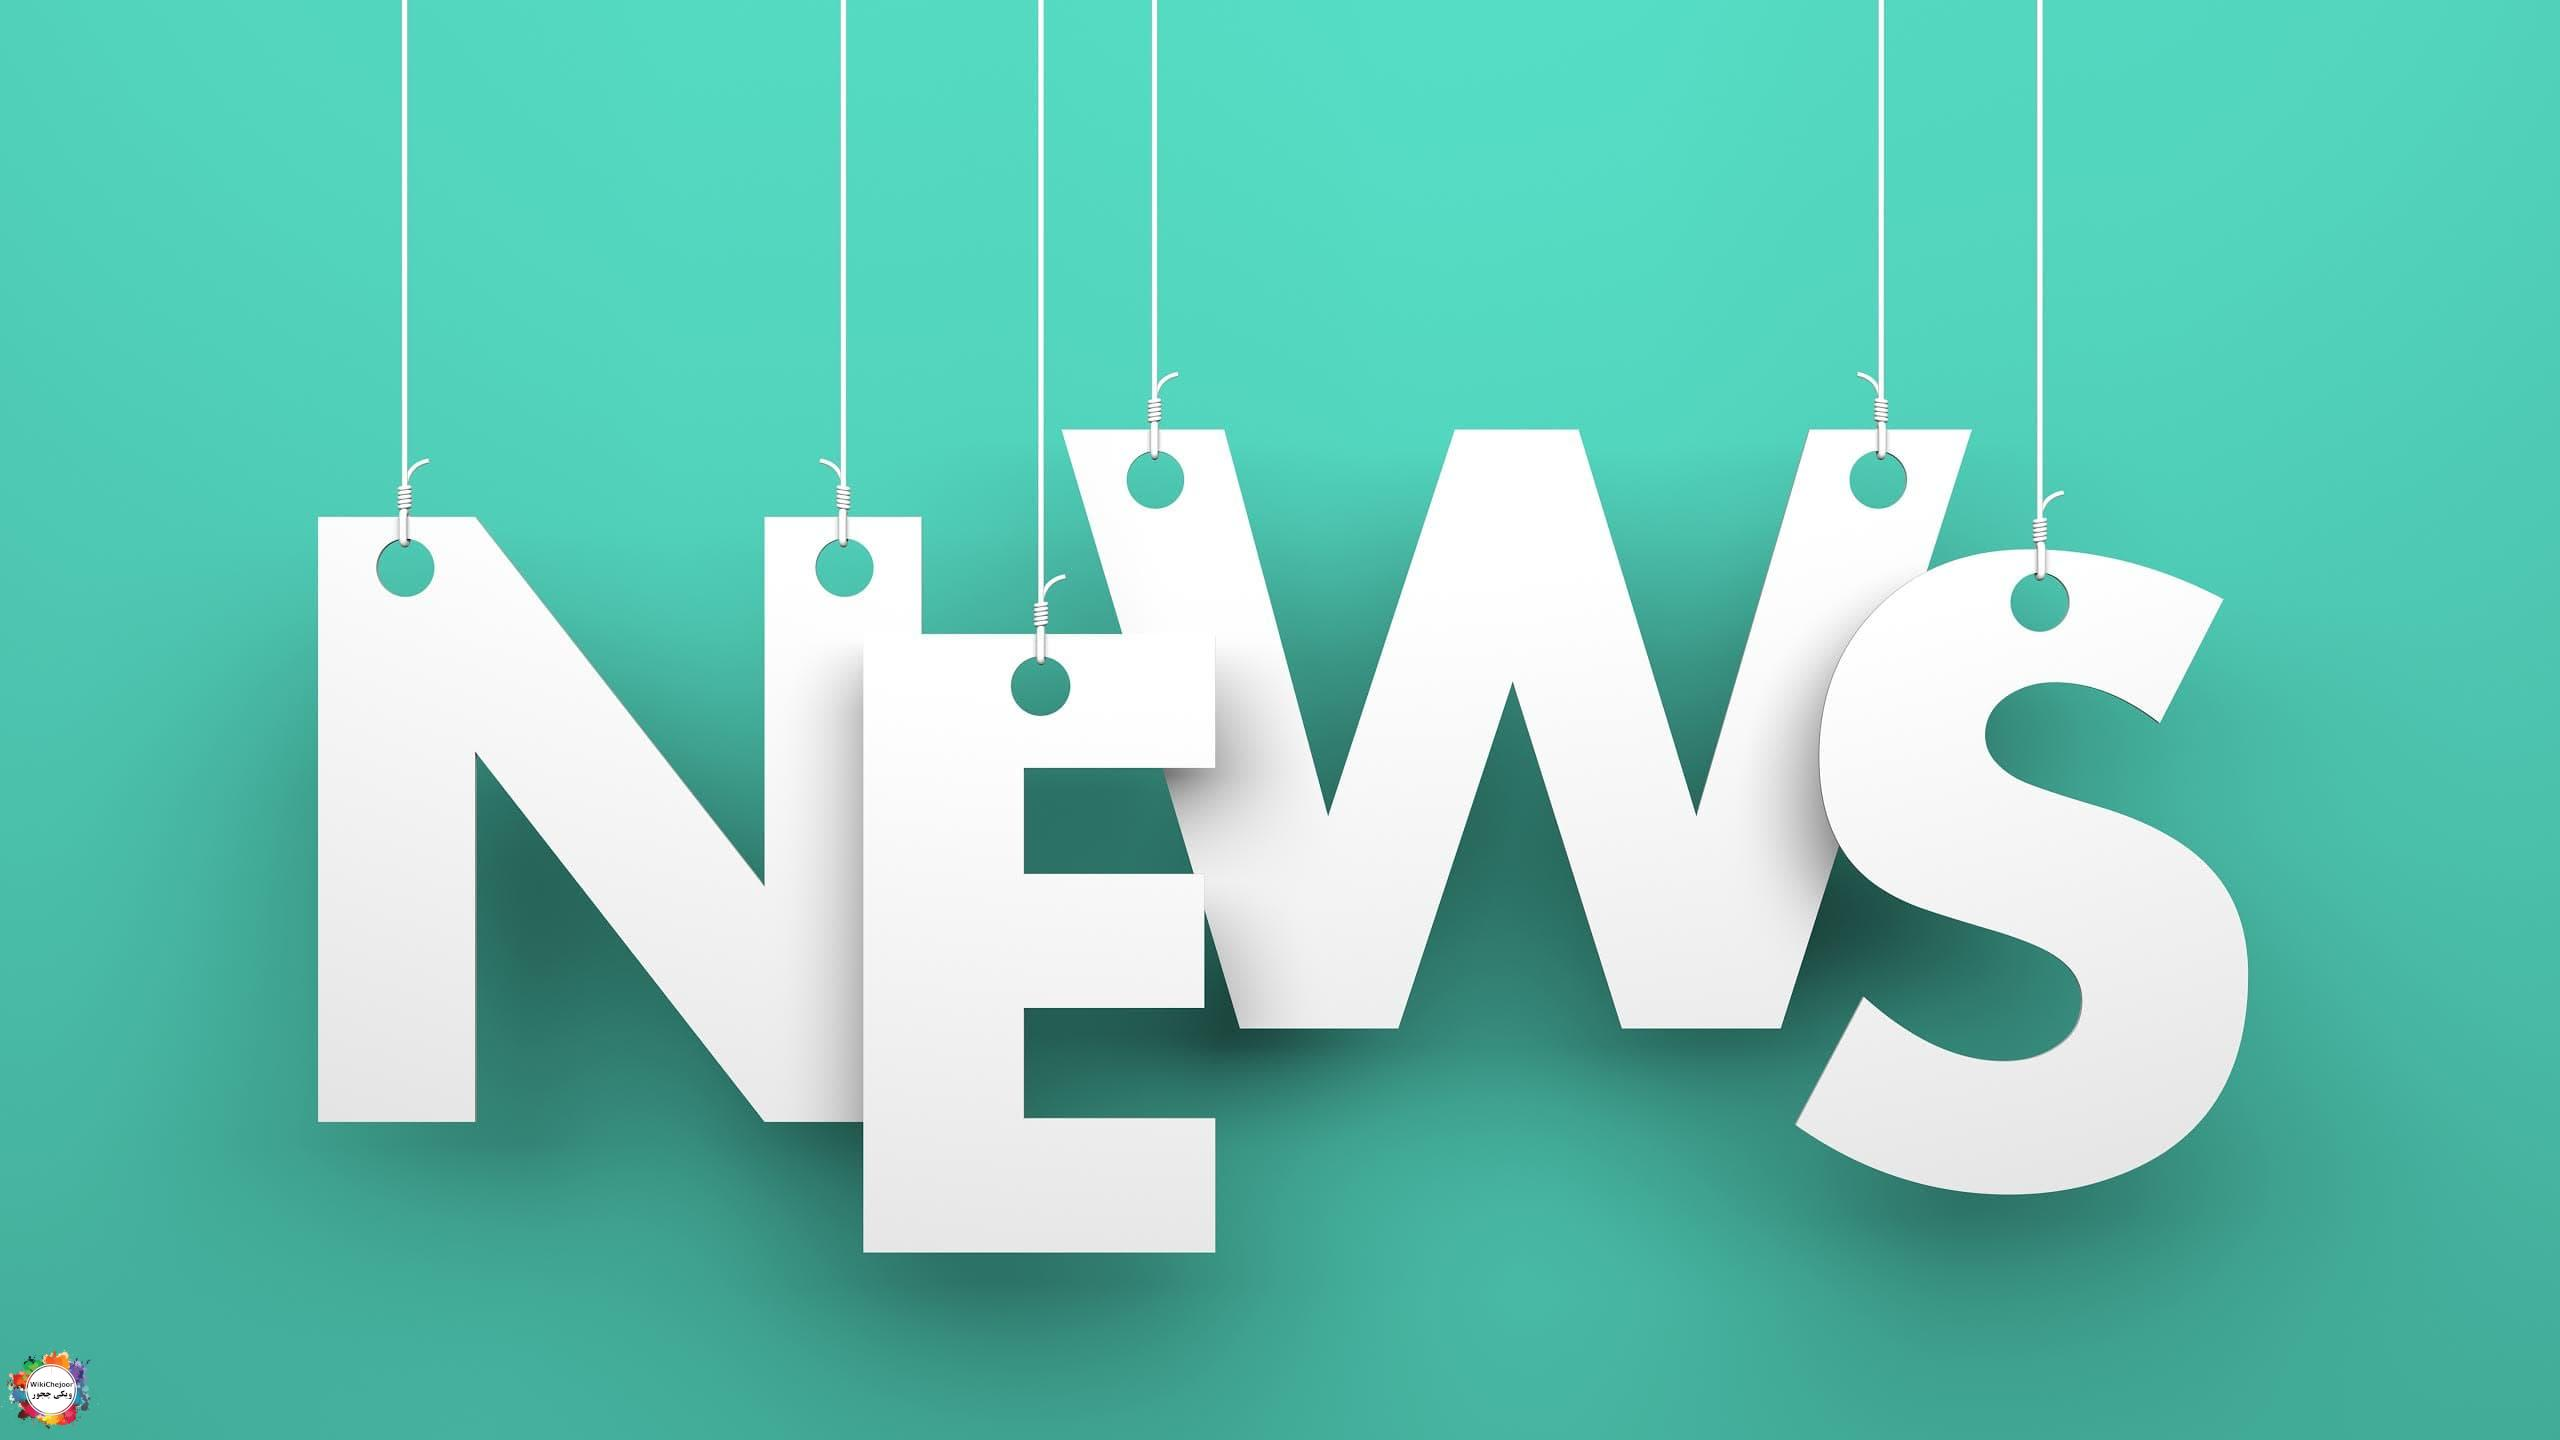 تمام اخبار روز ایران و جهان در ۵ دقیقه (سه شنبه ۱۳۹۸/۰۵/۰۱)